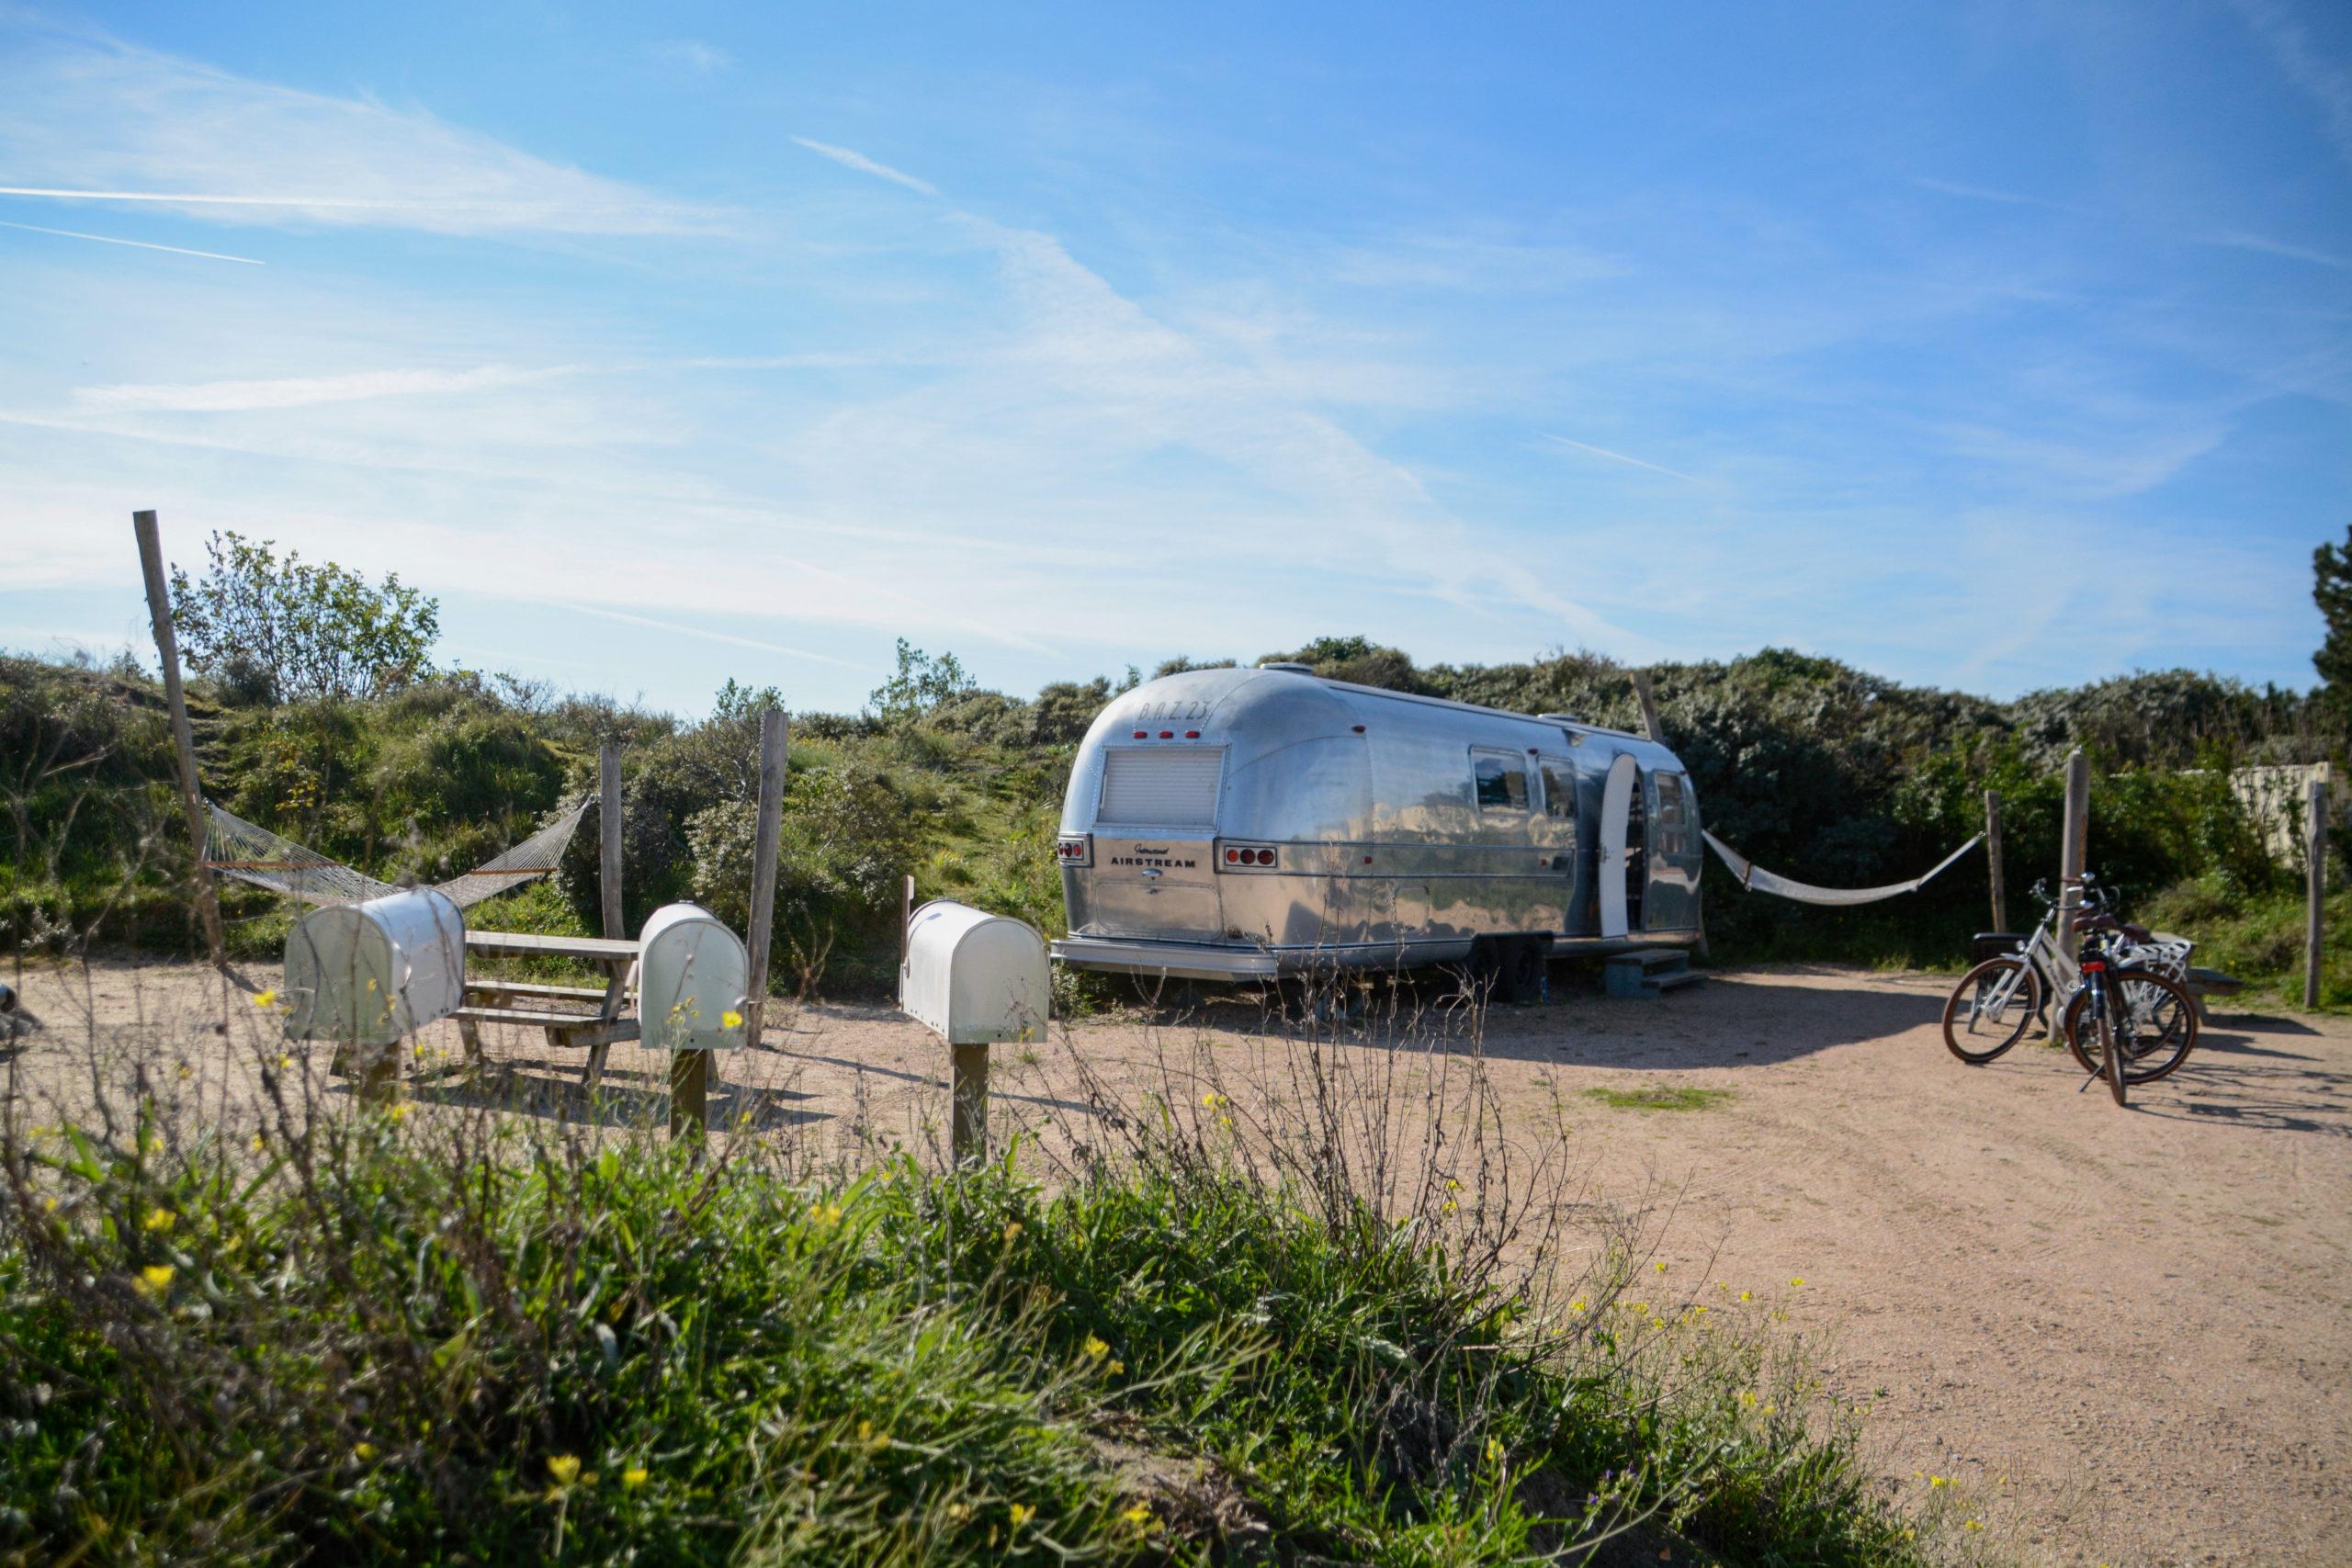 Camping im Airstream in Holland bedeutet auch mehr Platz für das Individuum und einem schönen Briefkasten